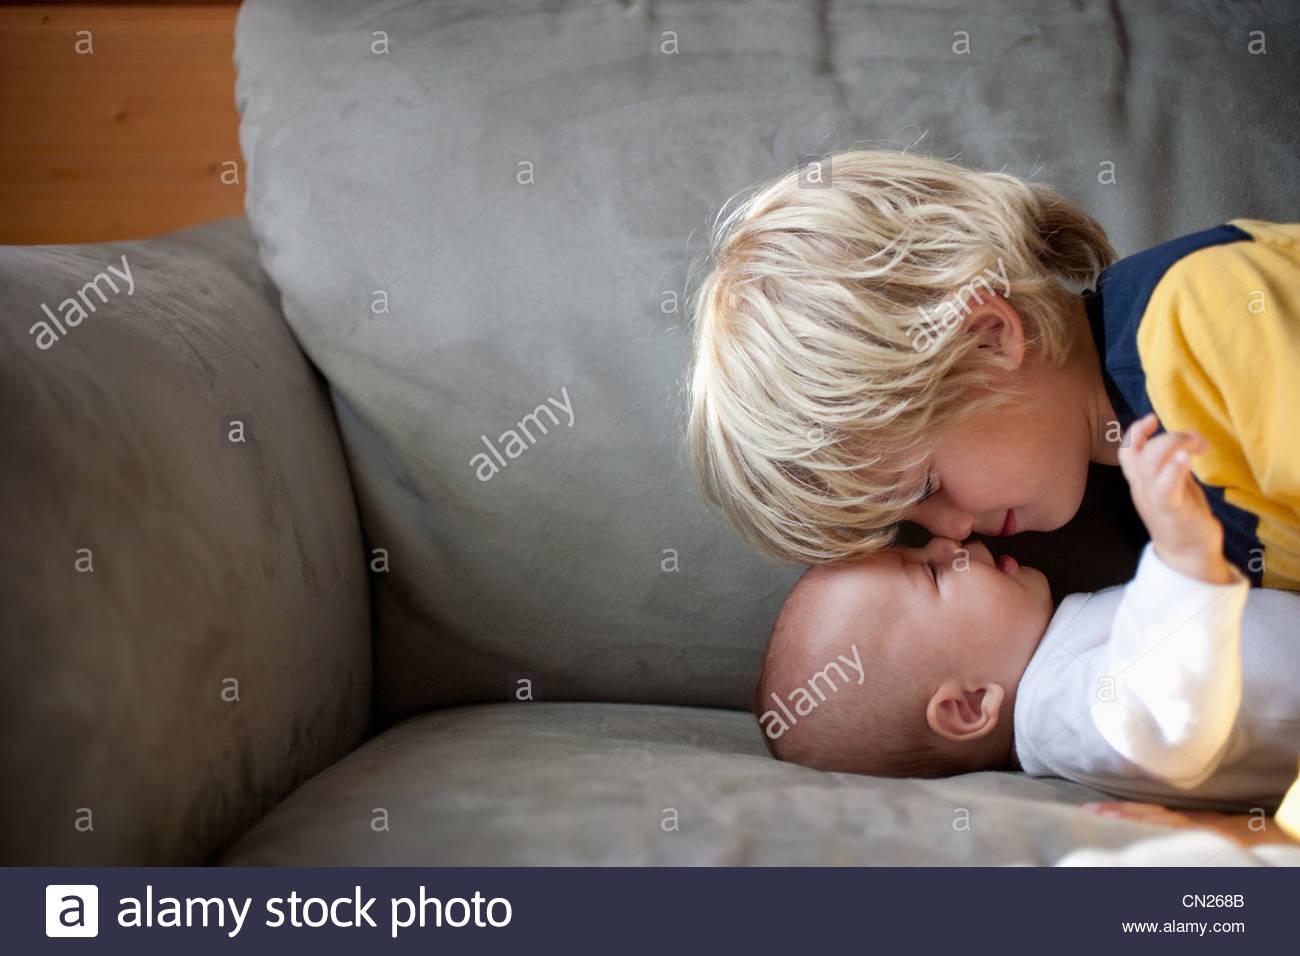 Junge Angesicht zu Angesicht mit kleinen Bruder auf sofa Stockbild